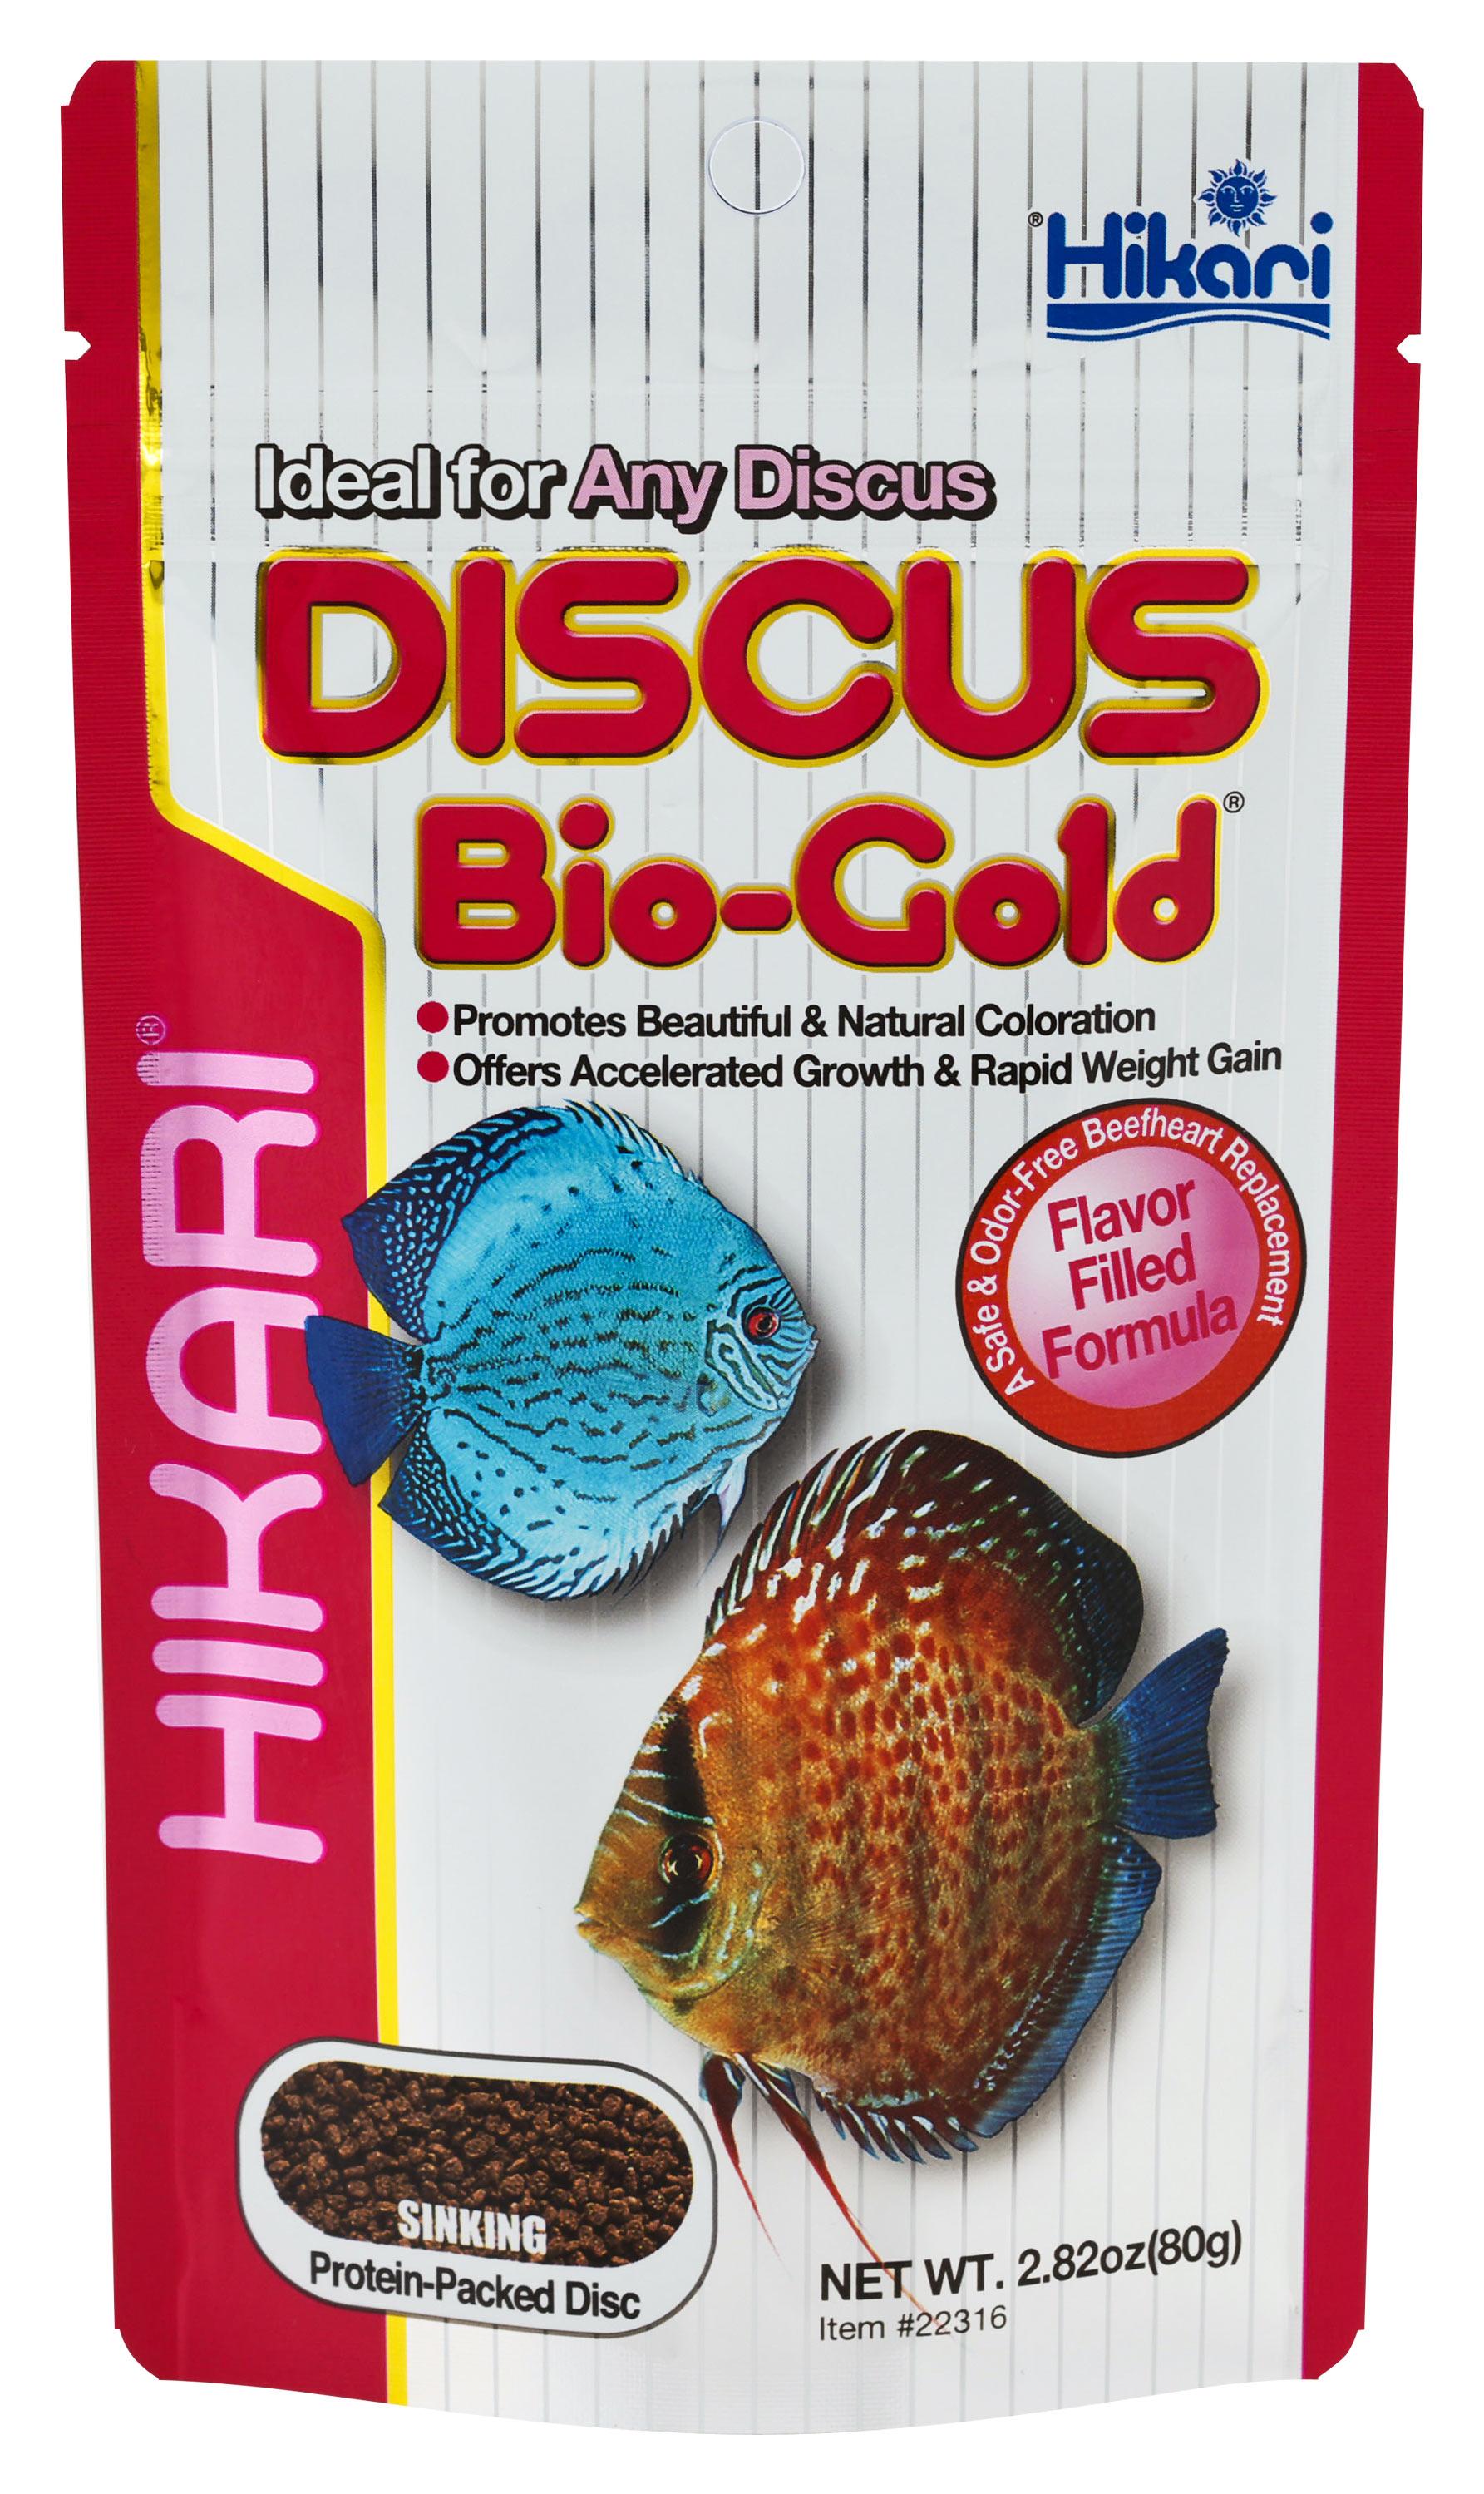 Hikari bio gold discus oz for Discus fish price